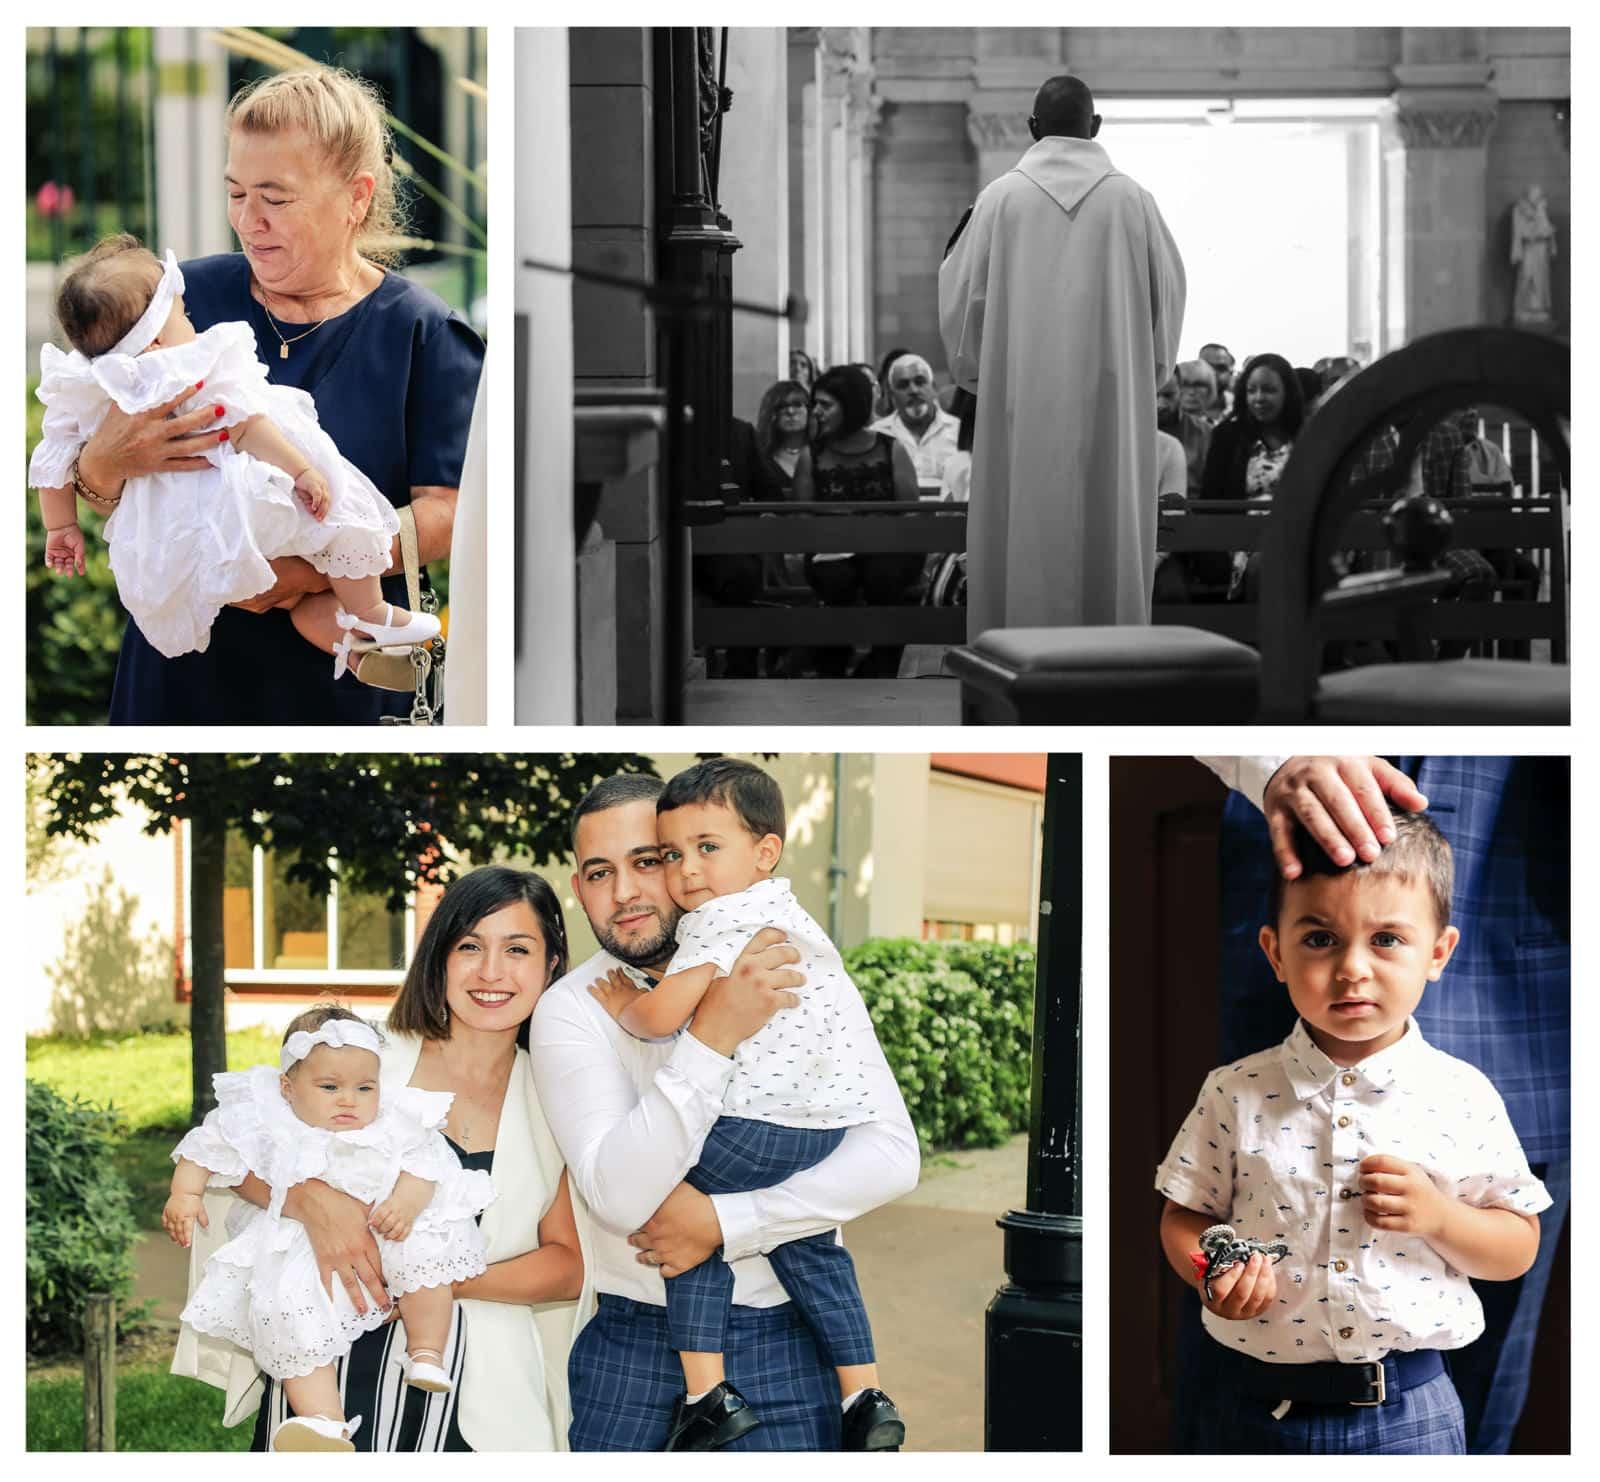 Photographe de Baptême et Communion, spécialisé dans la mise en valeur de vos événements à Paris et dans toute l'Île-de-France